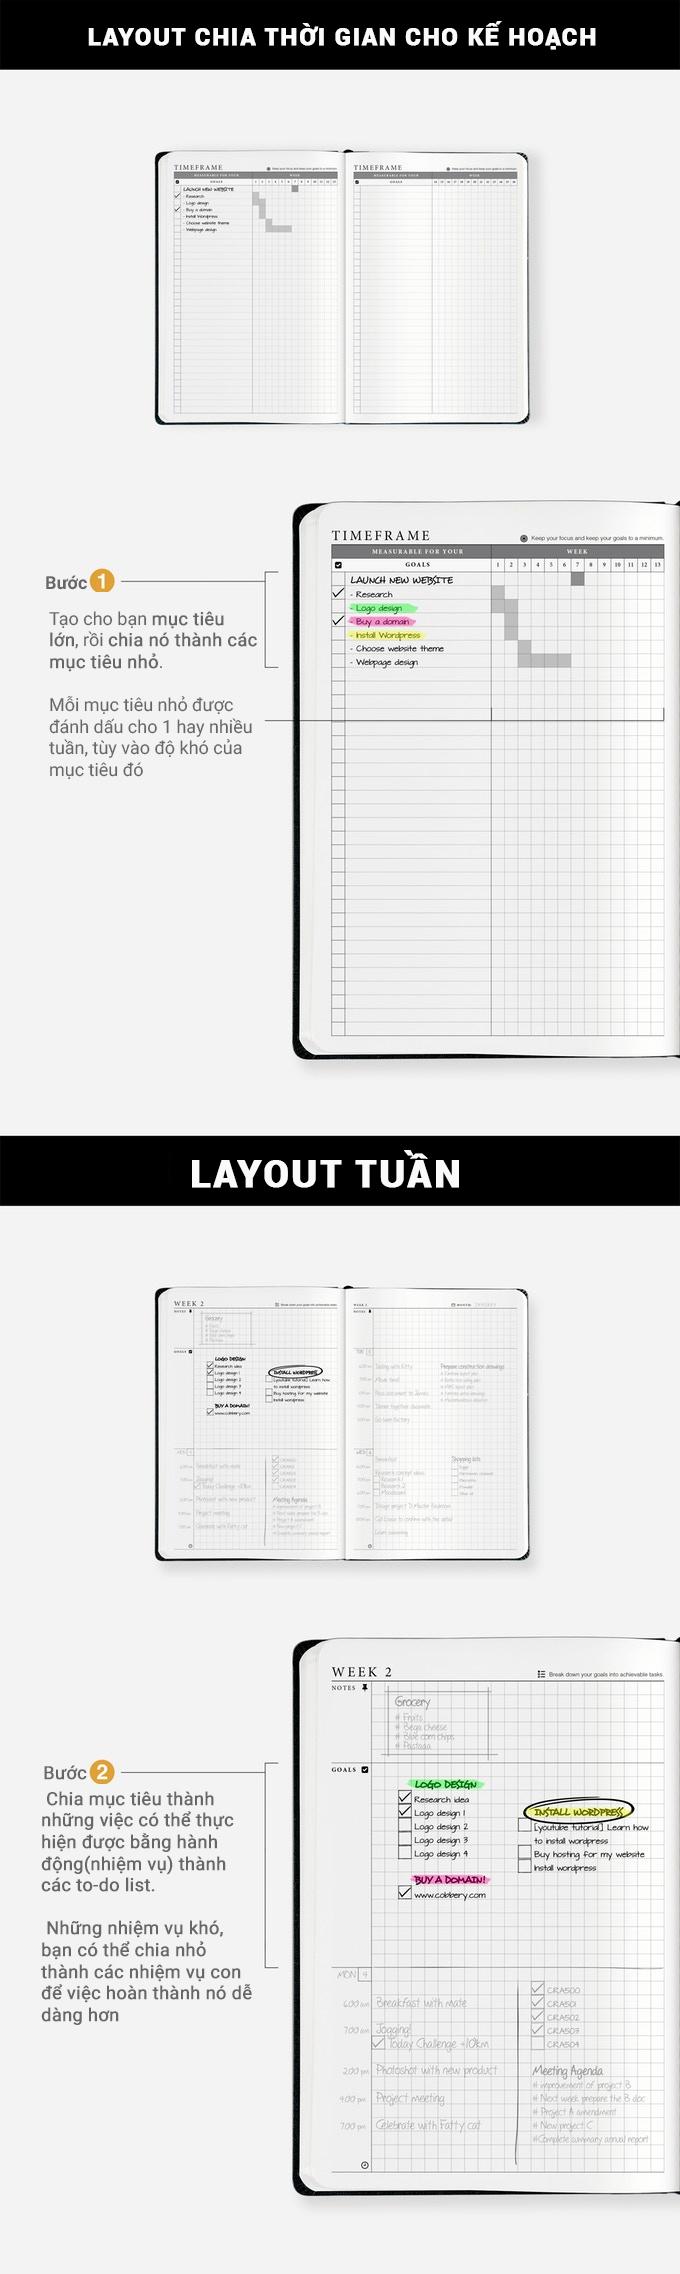 Sổ Tay Kế Hoạch The Craft Planner 2.0 Có Gì Mới 1